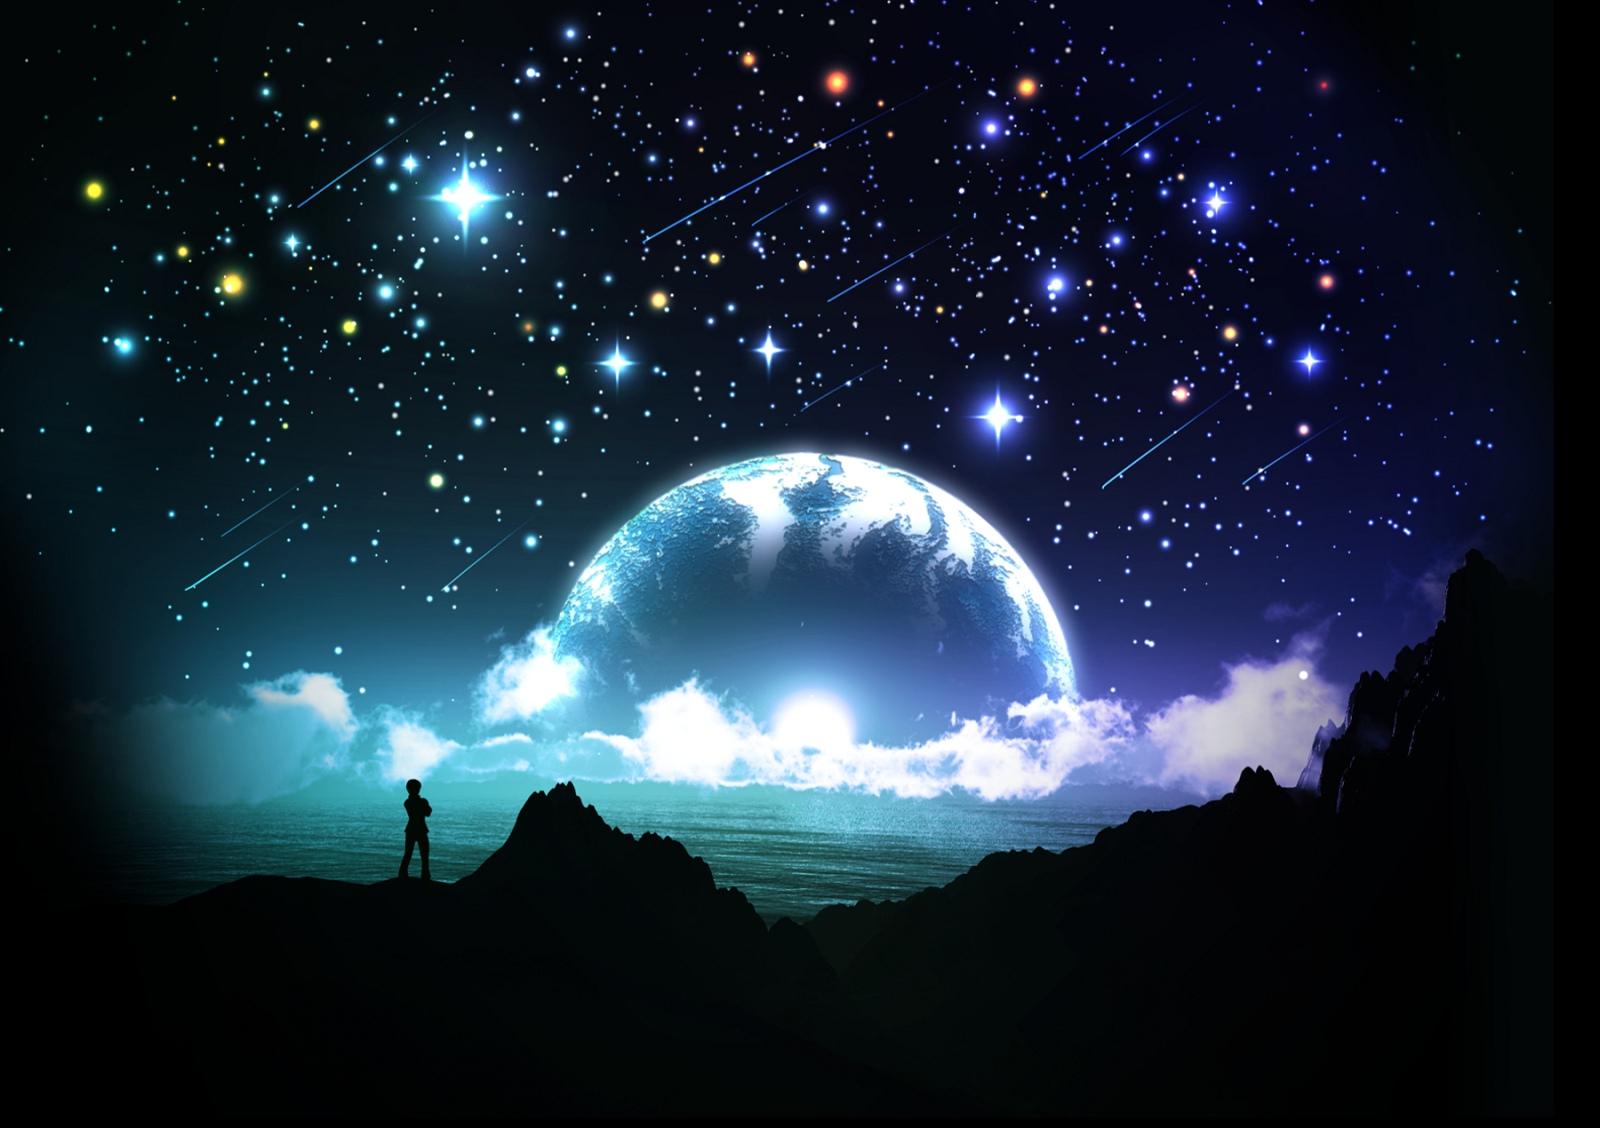 手绘仰望樱花星空